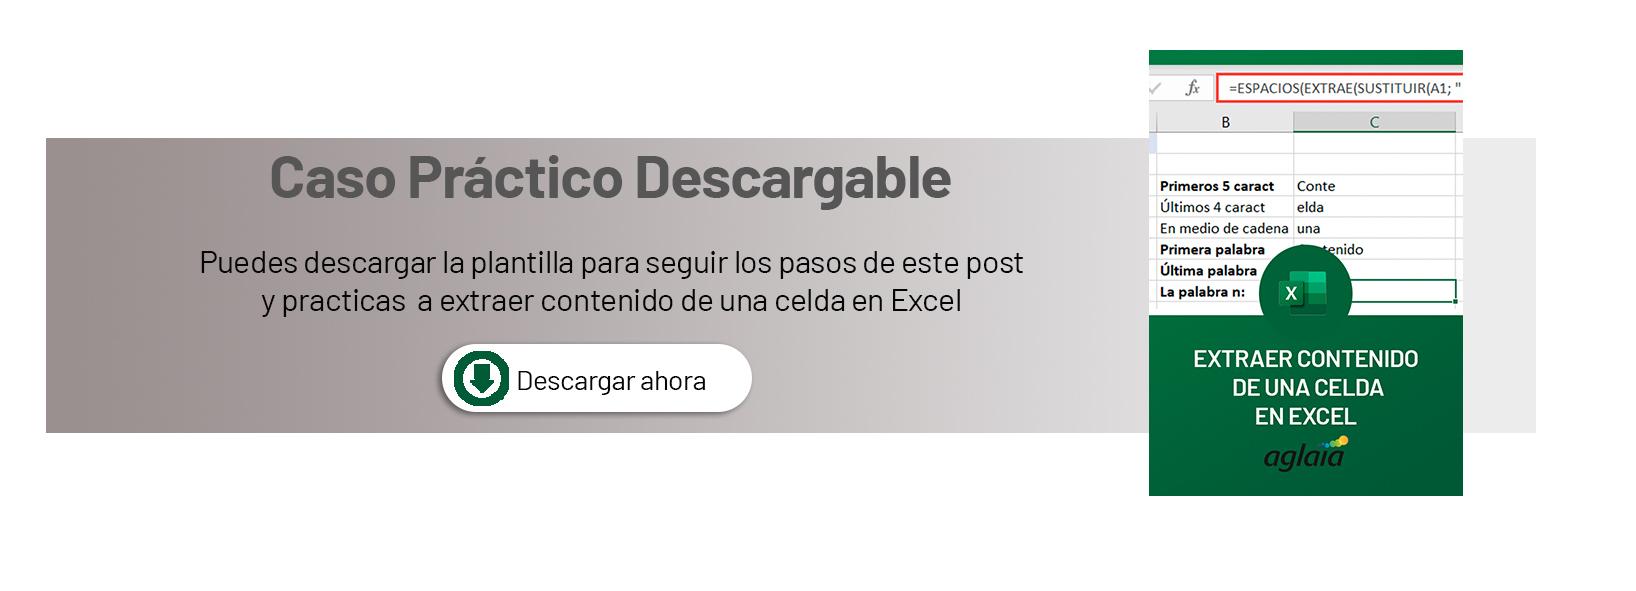 Descargable Extraer